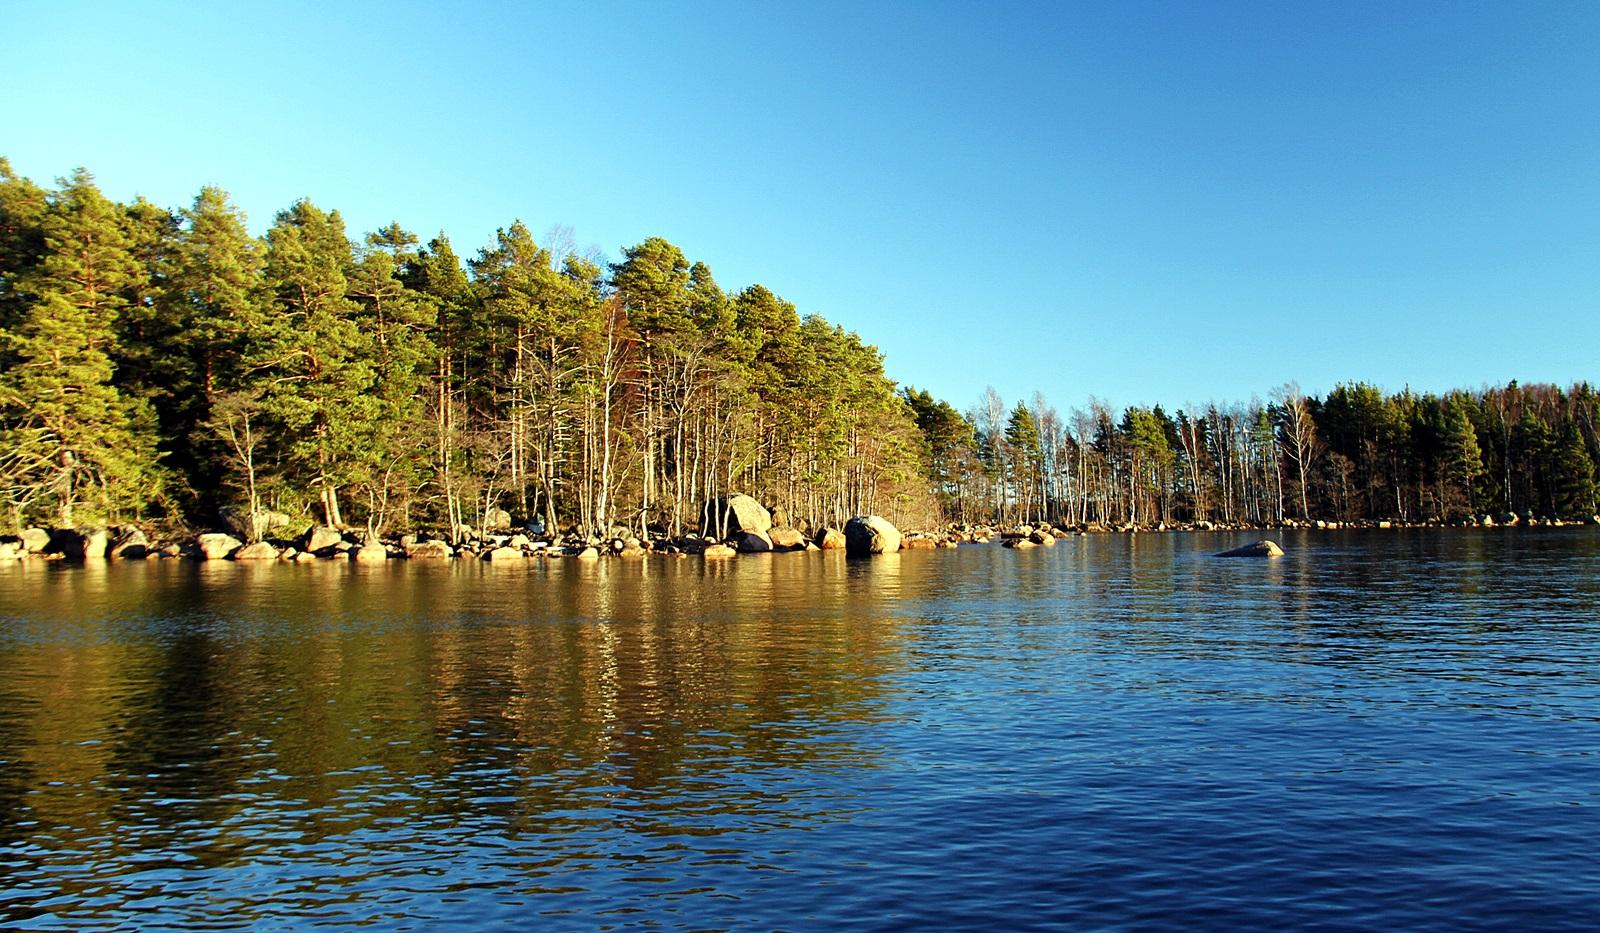 Et typisk kystområde, bukter og steinsatte odder